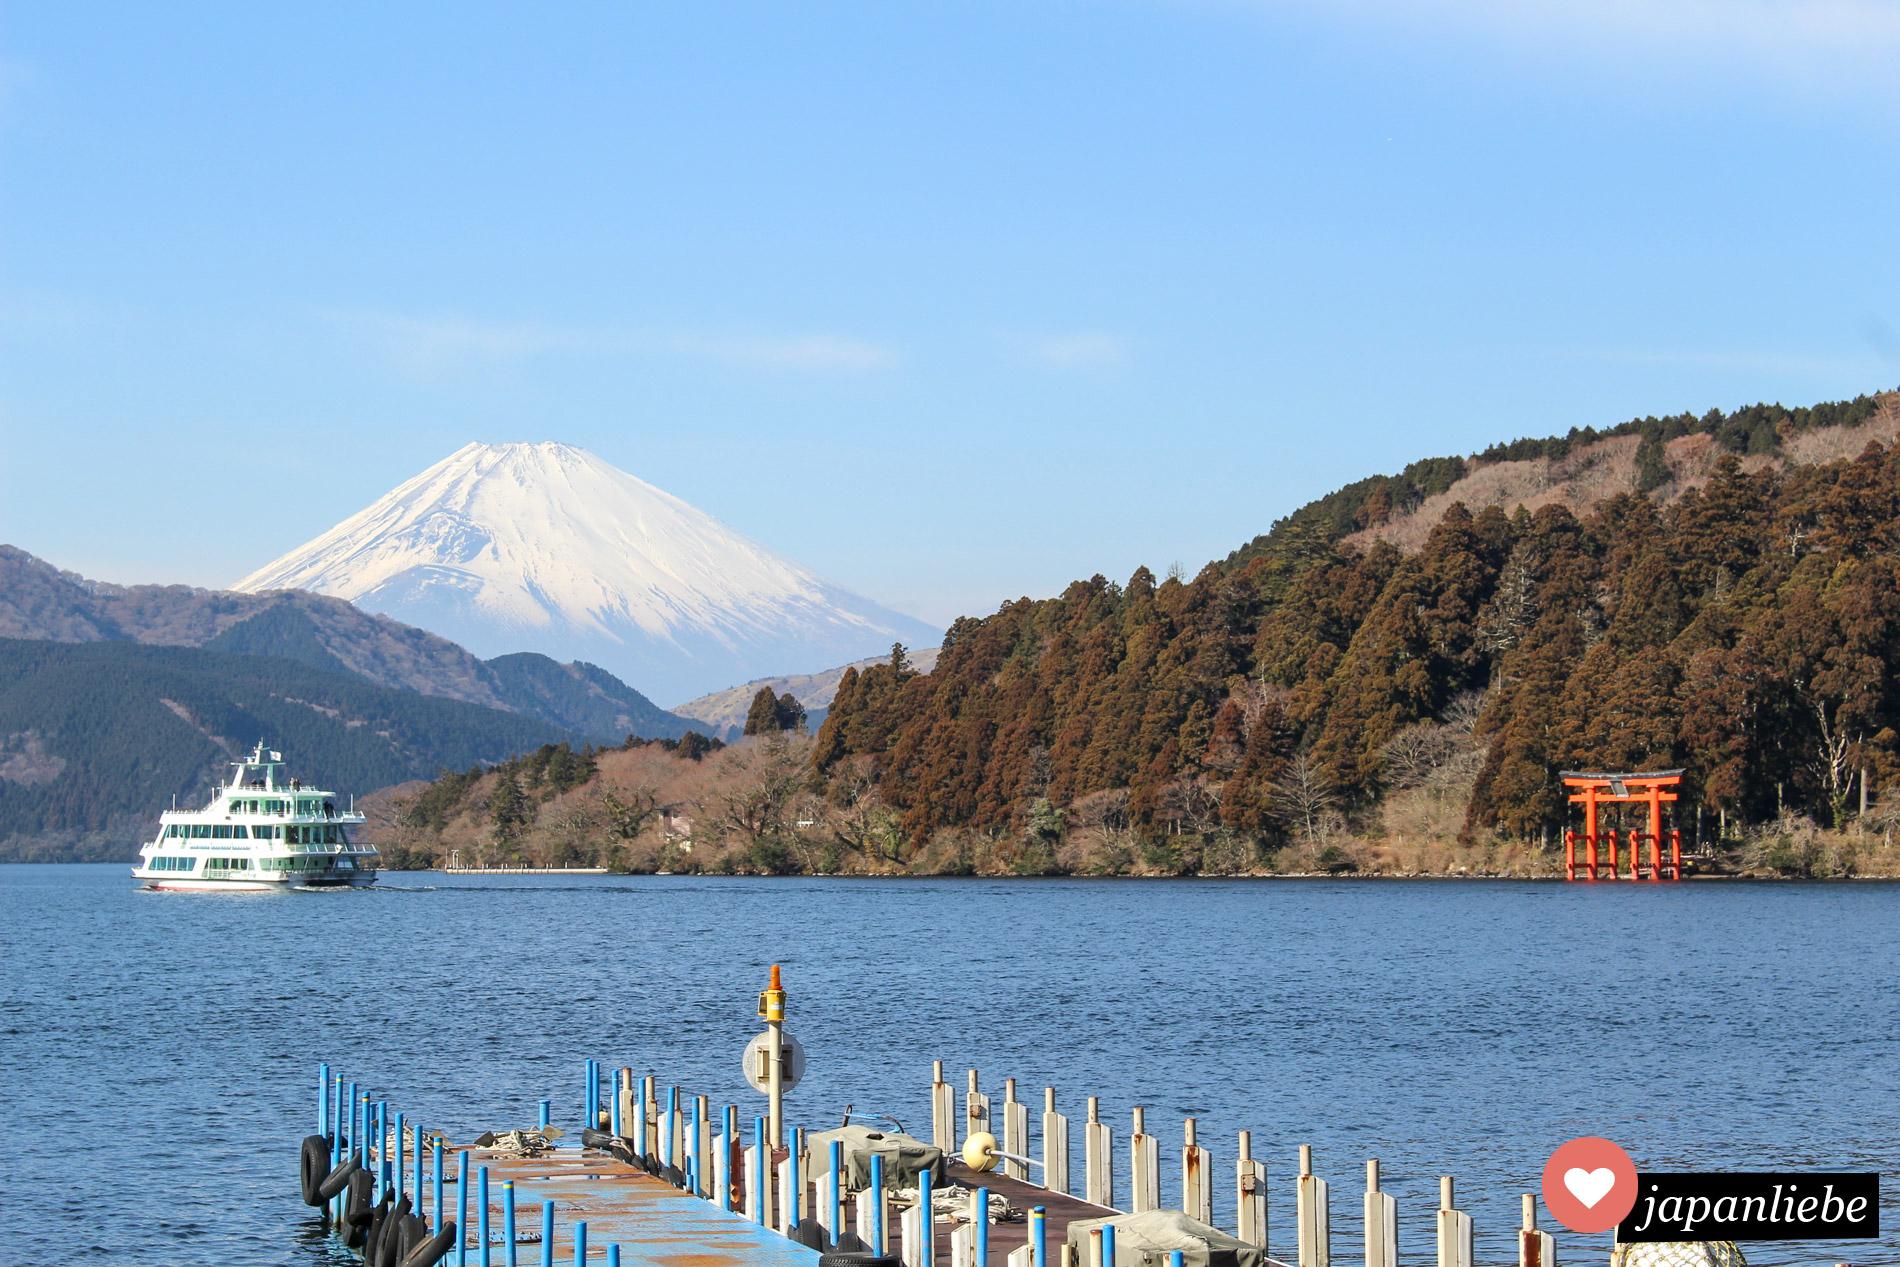 Ikonisches Postkartenmotiv: das rote torii des Hakone Schreins am Ashi-See mit dem Fuji im Hintergrund.